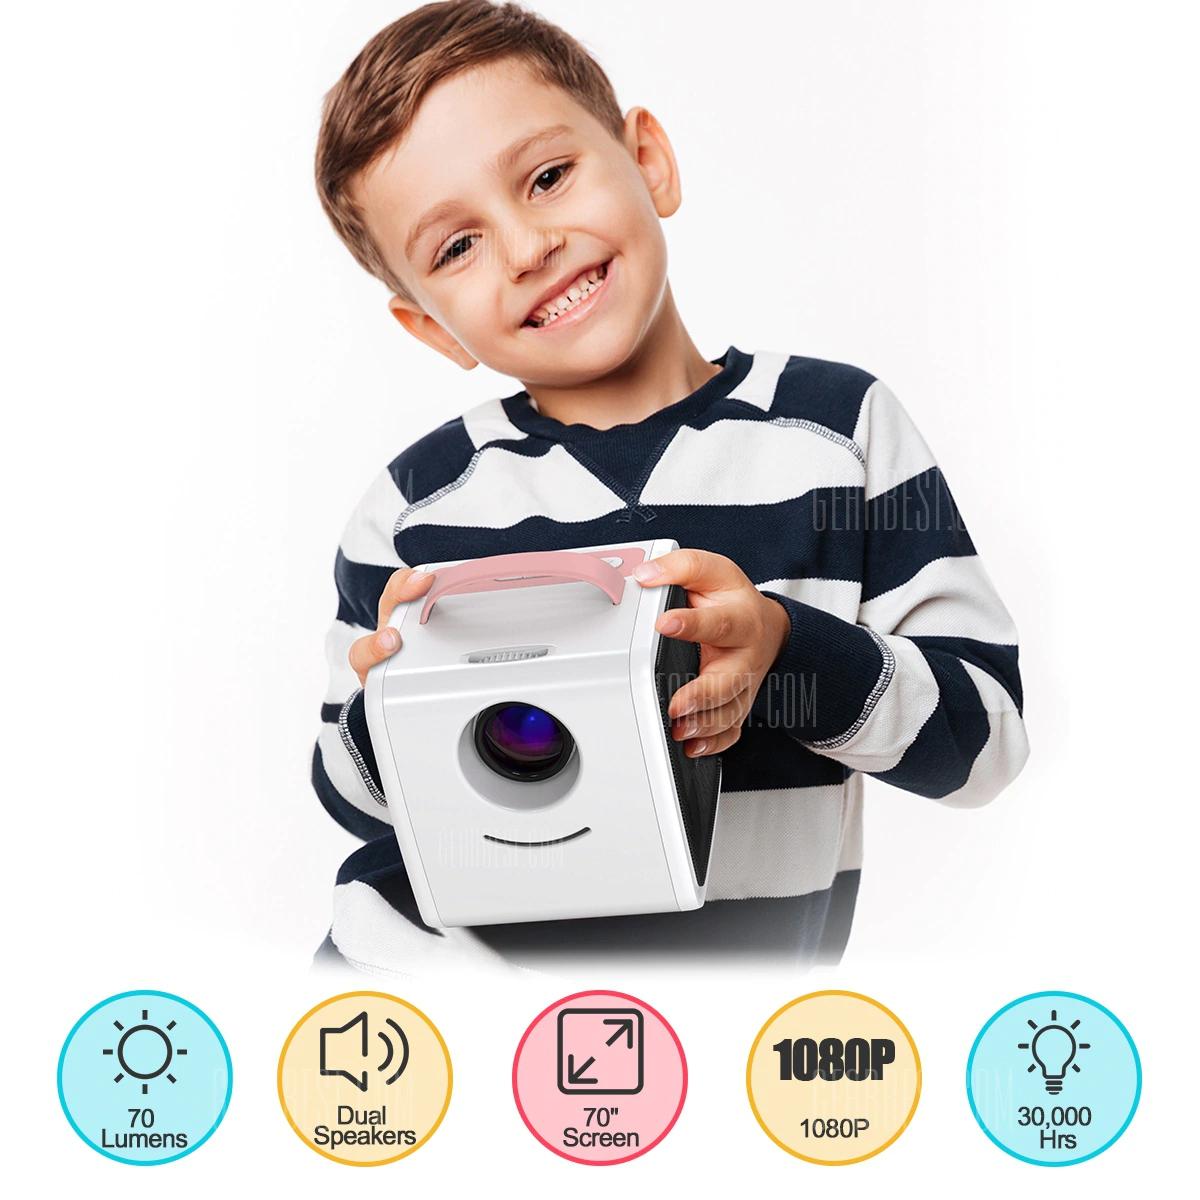 Excelvan Q2 budżetowy projektor video dla dzieciaków GearBest